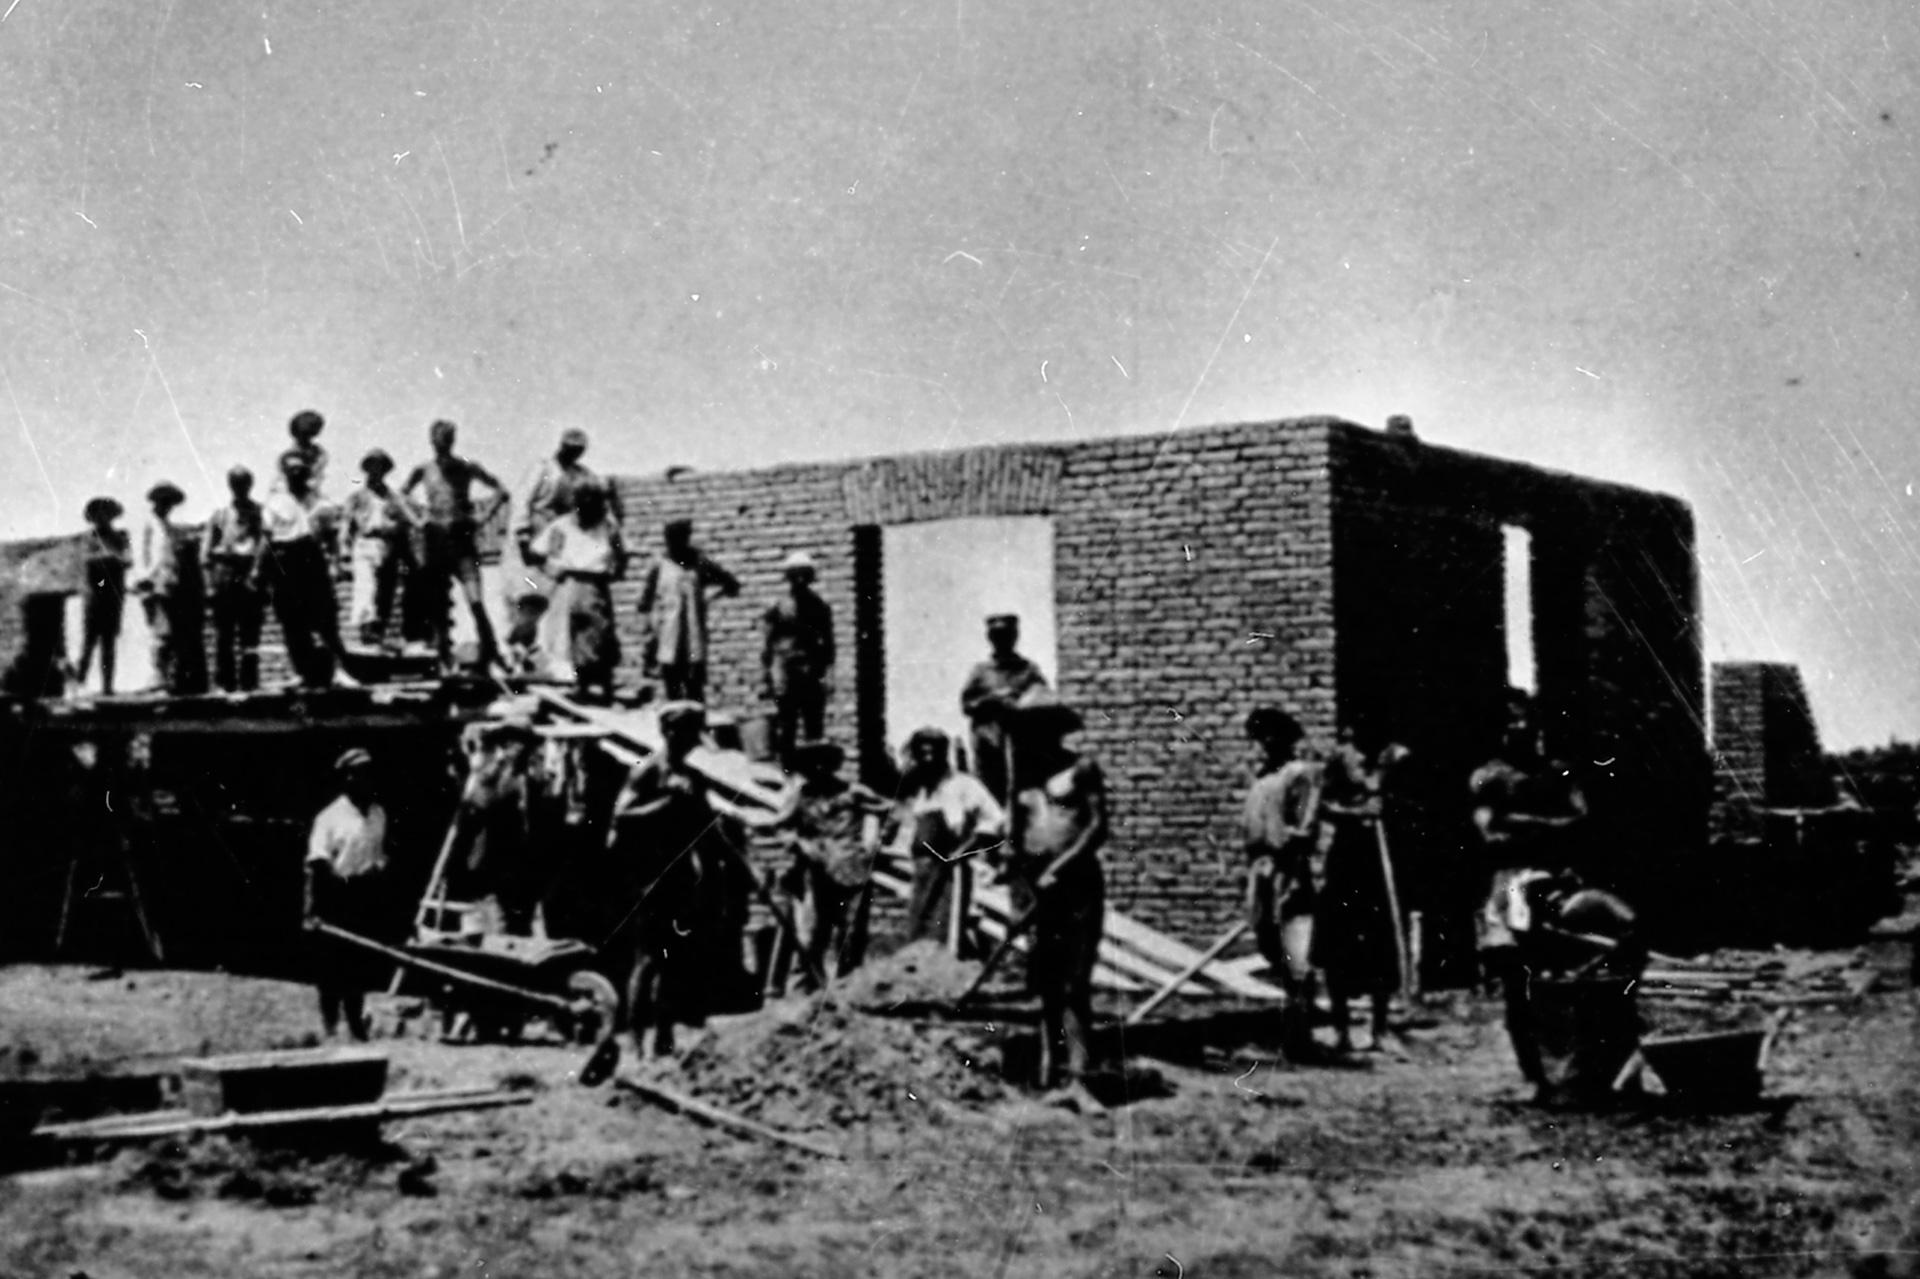 Строительство электростанции в мае 1925 года членами кооператива «Интергельпо», первый строитель Ян Осога.